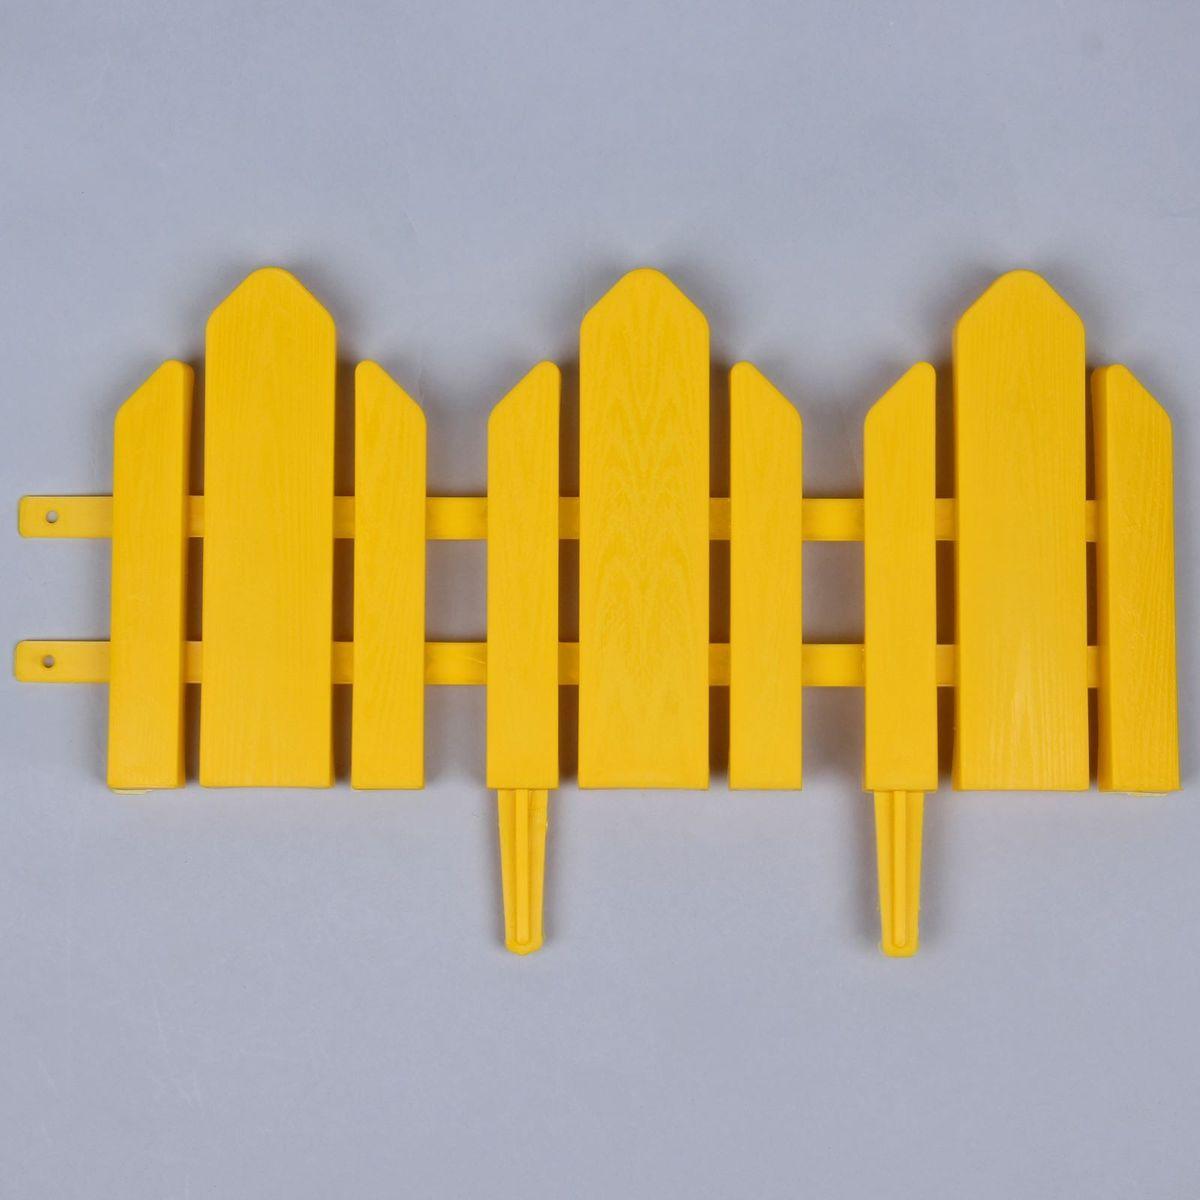 Ограждение садовое декоративное Домиком, 12 секций, цвет: желтый, 16 х 408 см74-0140Садовое ограждение — выбор тех, кто ценит красоту и комфорт. Выполненное из надёжного пластика, оно имеет ряд неоспоримых плюсов:Длительный срок службы. Подобный заборчик может служить до 5 лет без деформации и потери качества.Яркий, насыщенный цвет, который не потускнеет со временем и не выгорит на солнце.Приспособлению не страшна высокая влажность.Как установить?Выбираем место для ограждения (это может быть садовая дорожка, грядка или красивая клумба).Расчищаем место от травы и других растений.Берём одну ячейку и аккуратно втыкаем её ножками в землю на максимальную глубину.Вставляем вторую ячейку рядом с первой и соединяем их при помощи специальных креплений, не прикладывая физическую силу.Повторяем пункт 4 до тех пор, пока не установим все ячейки.Как ухаживать?Садовое ограждение не нуждается в специальном уходе, но важно помнить следующие моменты:не подвергайте детали механическому воздействию: не сгибайте их, не давите в процессе монтажане подвергайте заборчик резким перепадам температурна зимнее время рекомендуется убирать его с участкаесли изделие запылилось, можете сполоснуть его водой из шланга без демонтажа.Пусть ваш садовый участок радует вас красотой и обильным урожаем! Большой ассортимент цветов и форм позволяет подобрать ограждение для любых нужд.